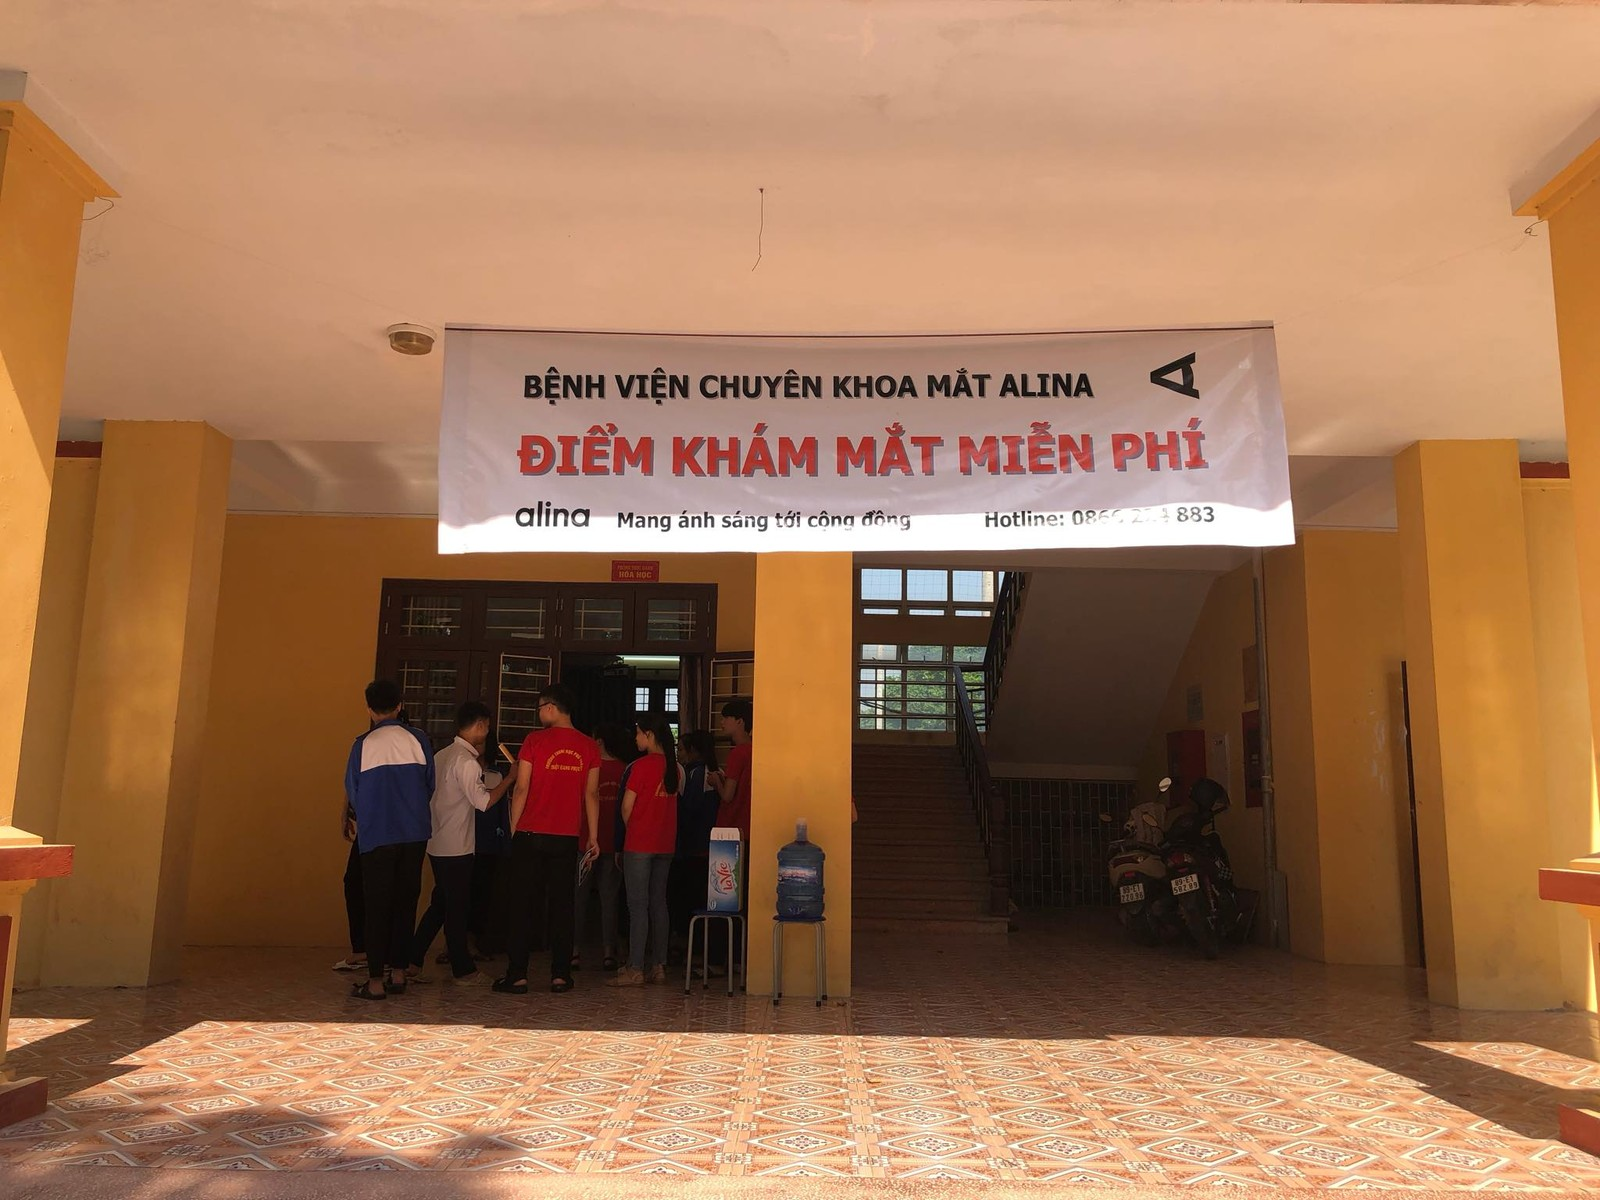 Hơn 900 học sinh Trường THPT Triệu Quang Phục được khám sàng lọc miễn phí các tật khúc xạ